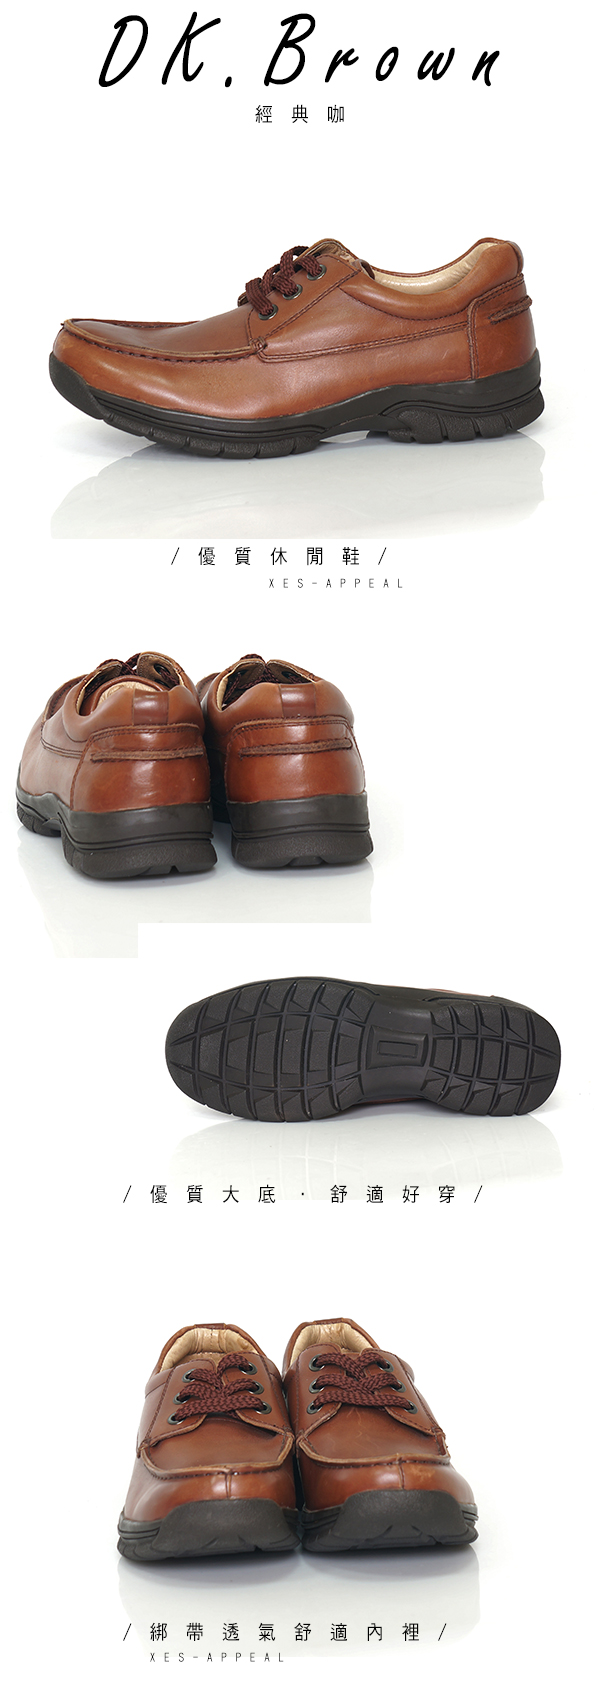 XES,男鞋,都會休閒鞋,舒適大底,日常商務,旅行休閒鞋,深咖啡,無束縛,酷,自在,男鞋,百貨專櫃鞋